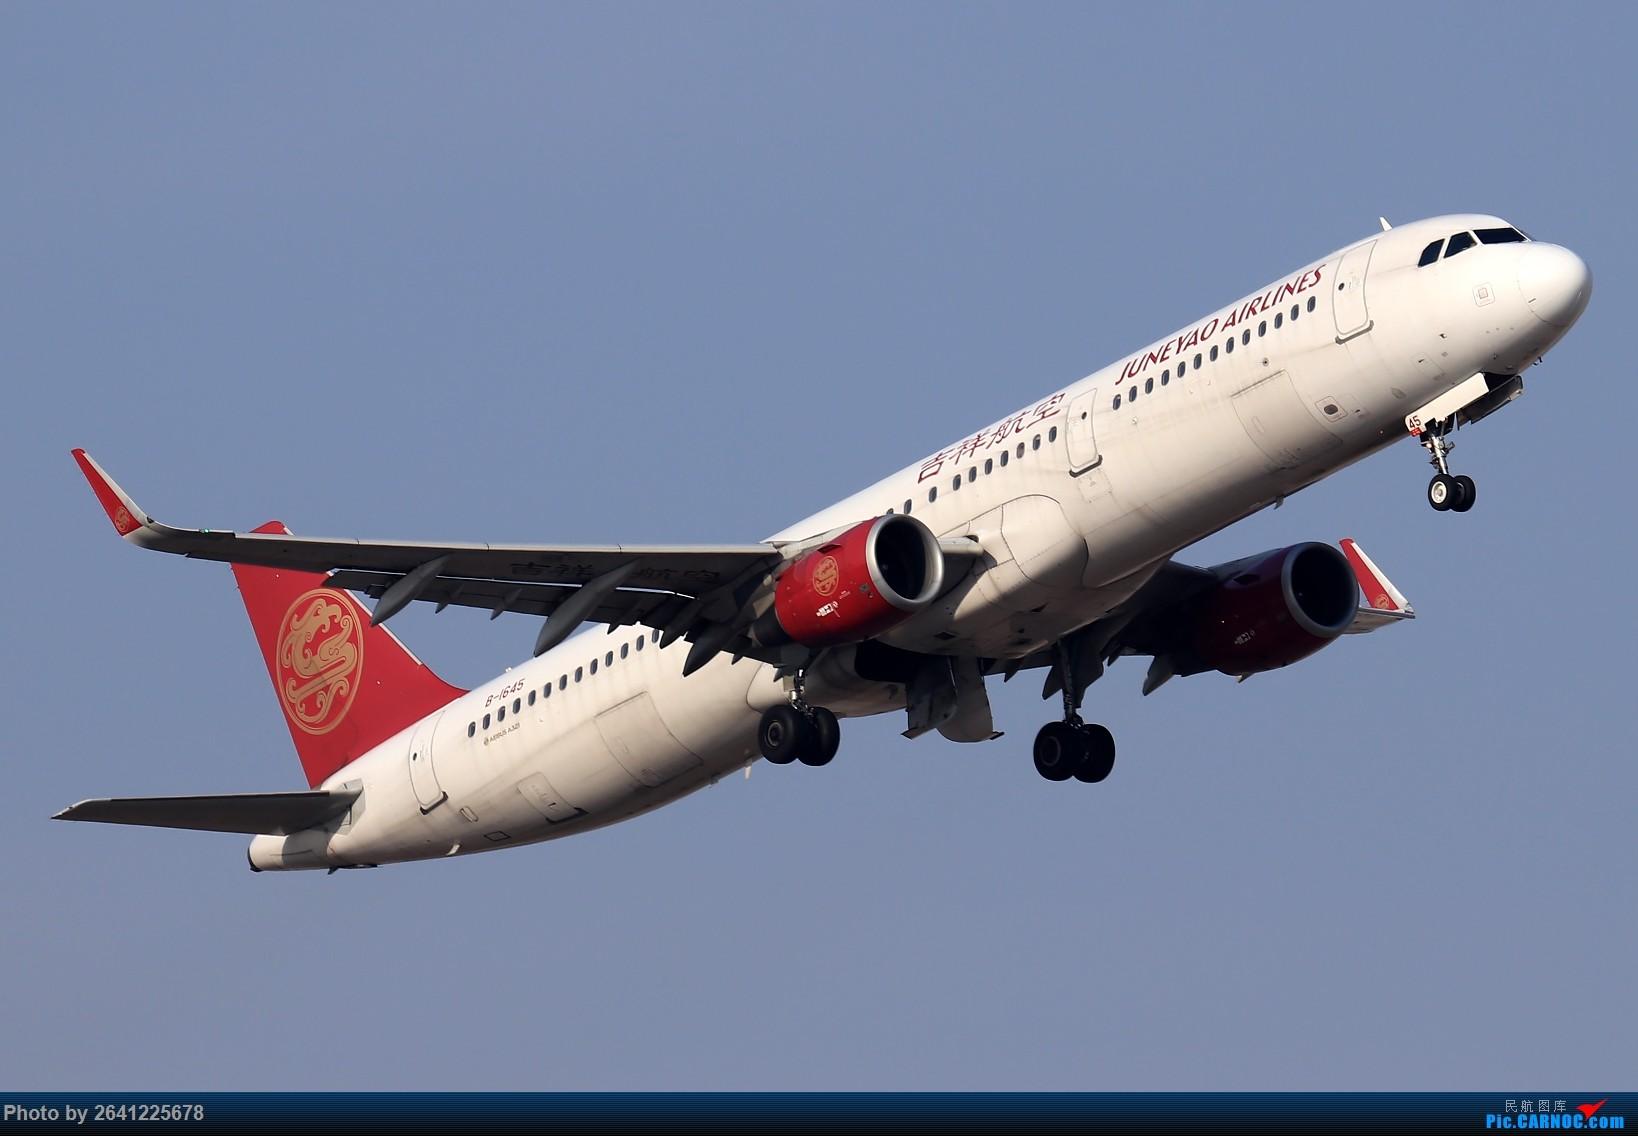 Re:[原创]【TSN】天津滨海国际机场半日游 AIRBUS A321-200 B-1645 中国天津滨海国际机场